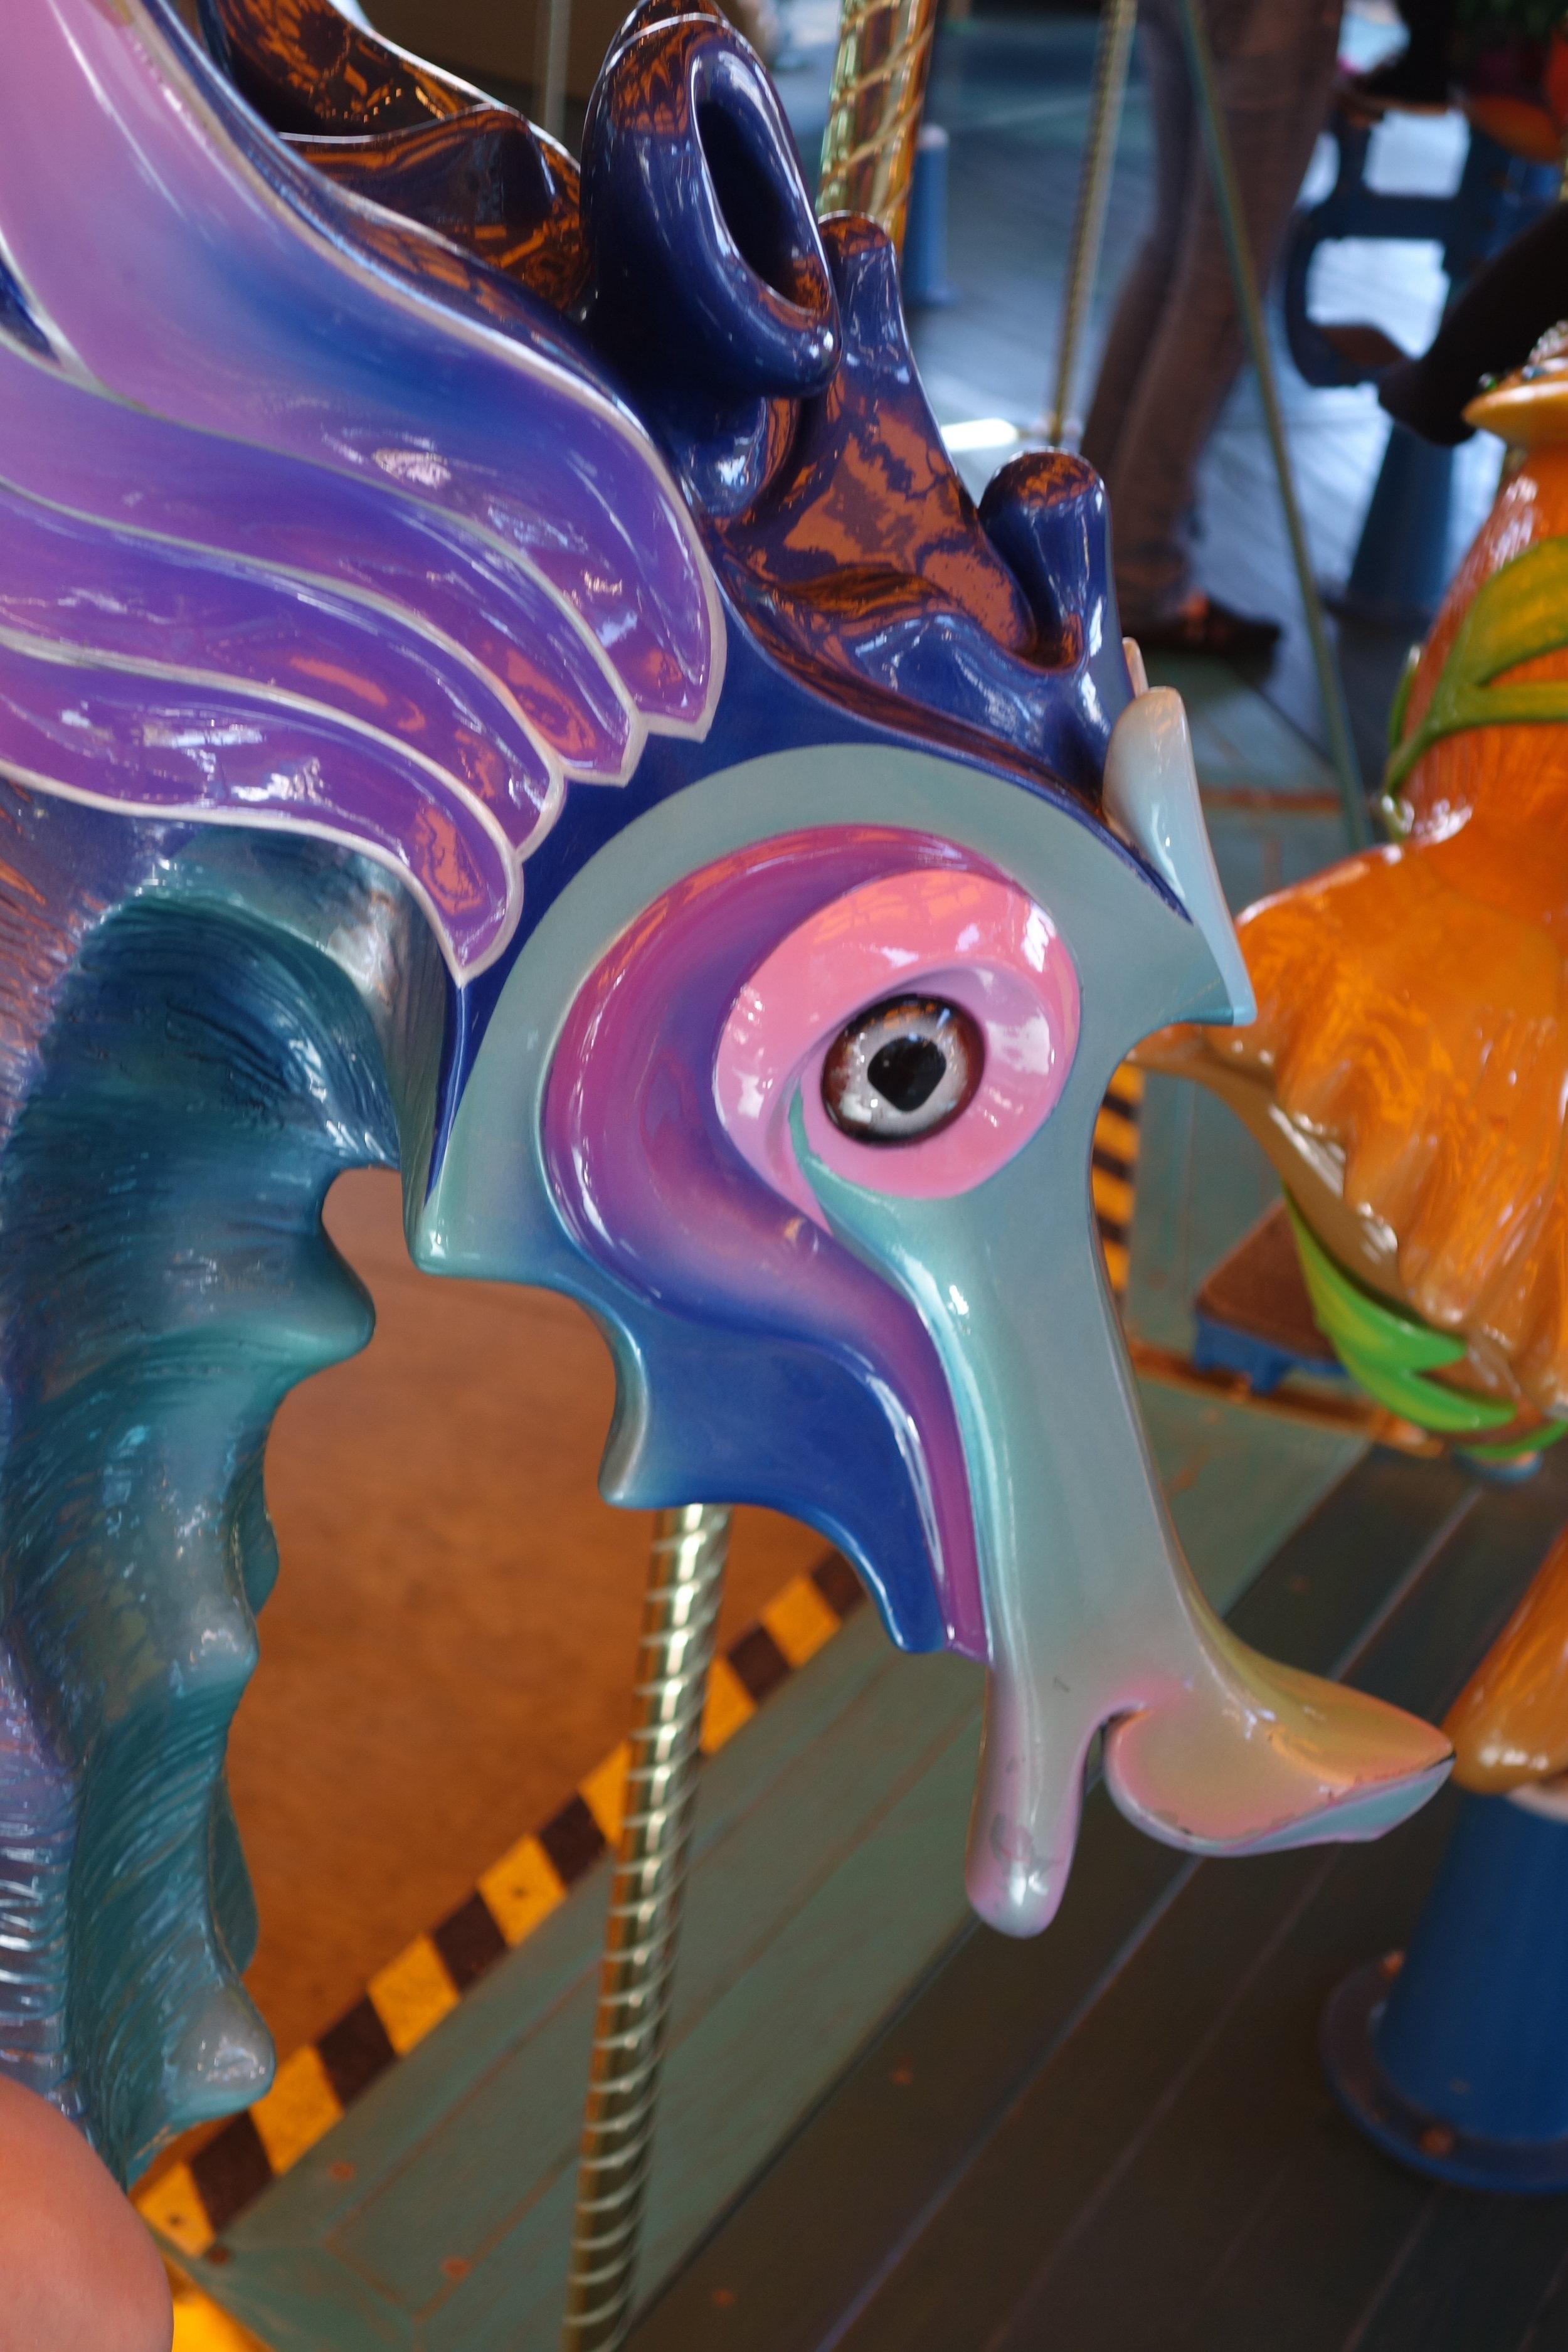 A Seahorse on Triton's Carousal